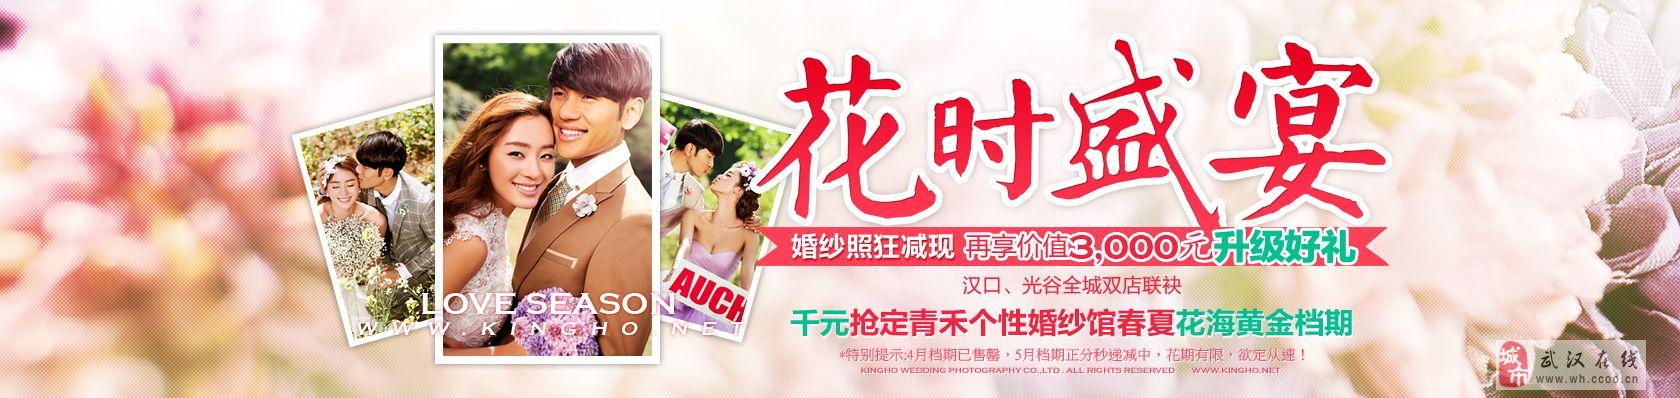 [公告][花时盛宴]-春夏花海黄金档期-武汉青禾个性婚纱馆